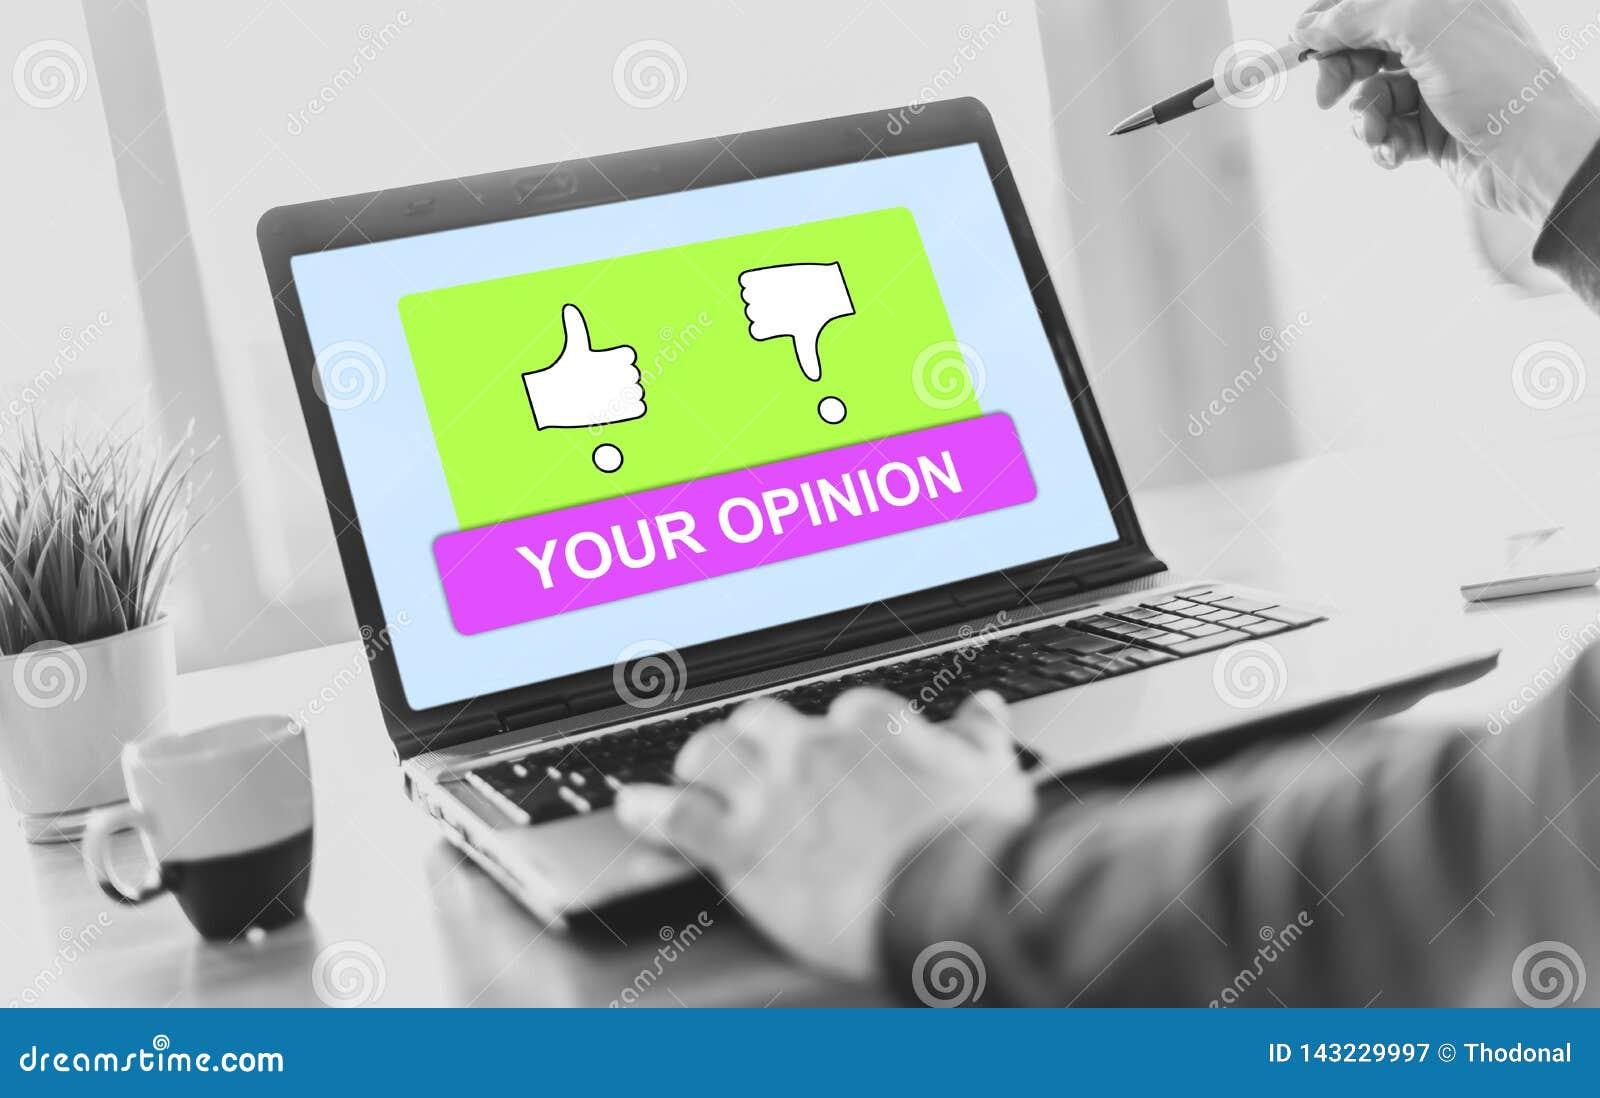 Conceito de avaliação em uma tela do portátil